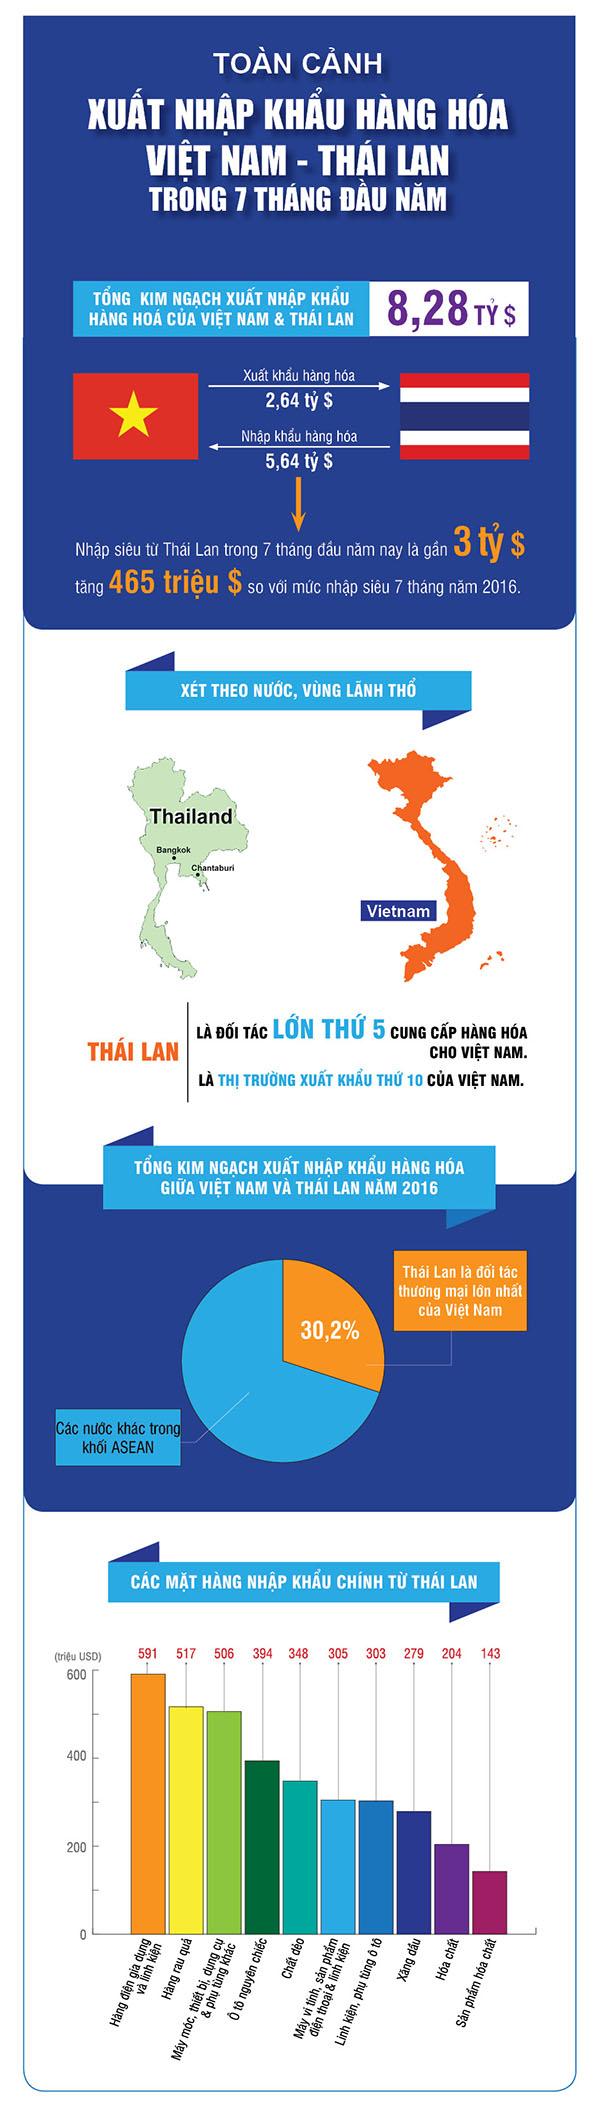 Hàng Thái Lan đang đổ bộ vào Việt Nam dần chiếm lĩnh thị trường